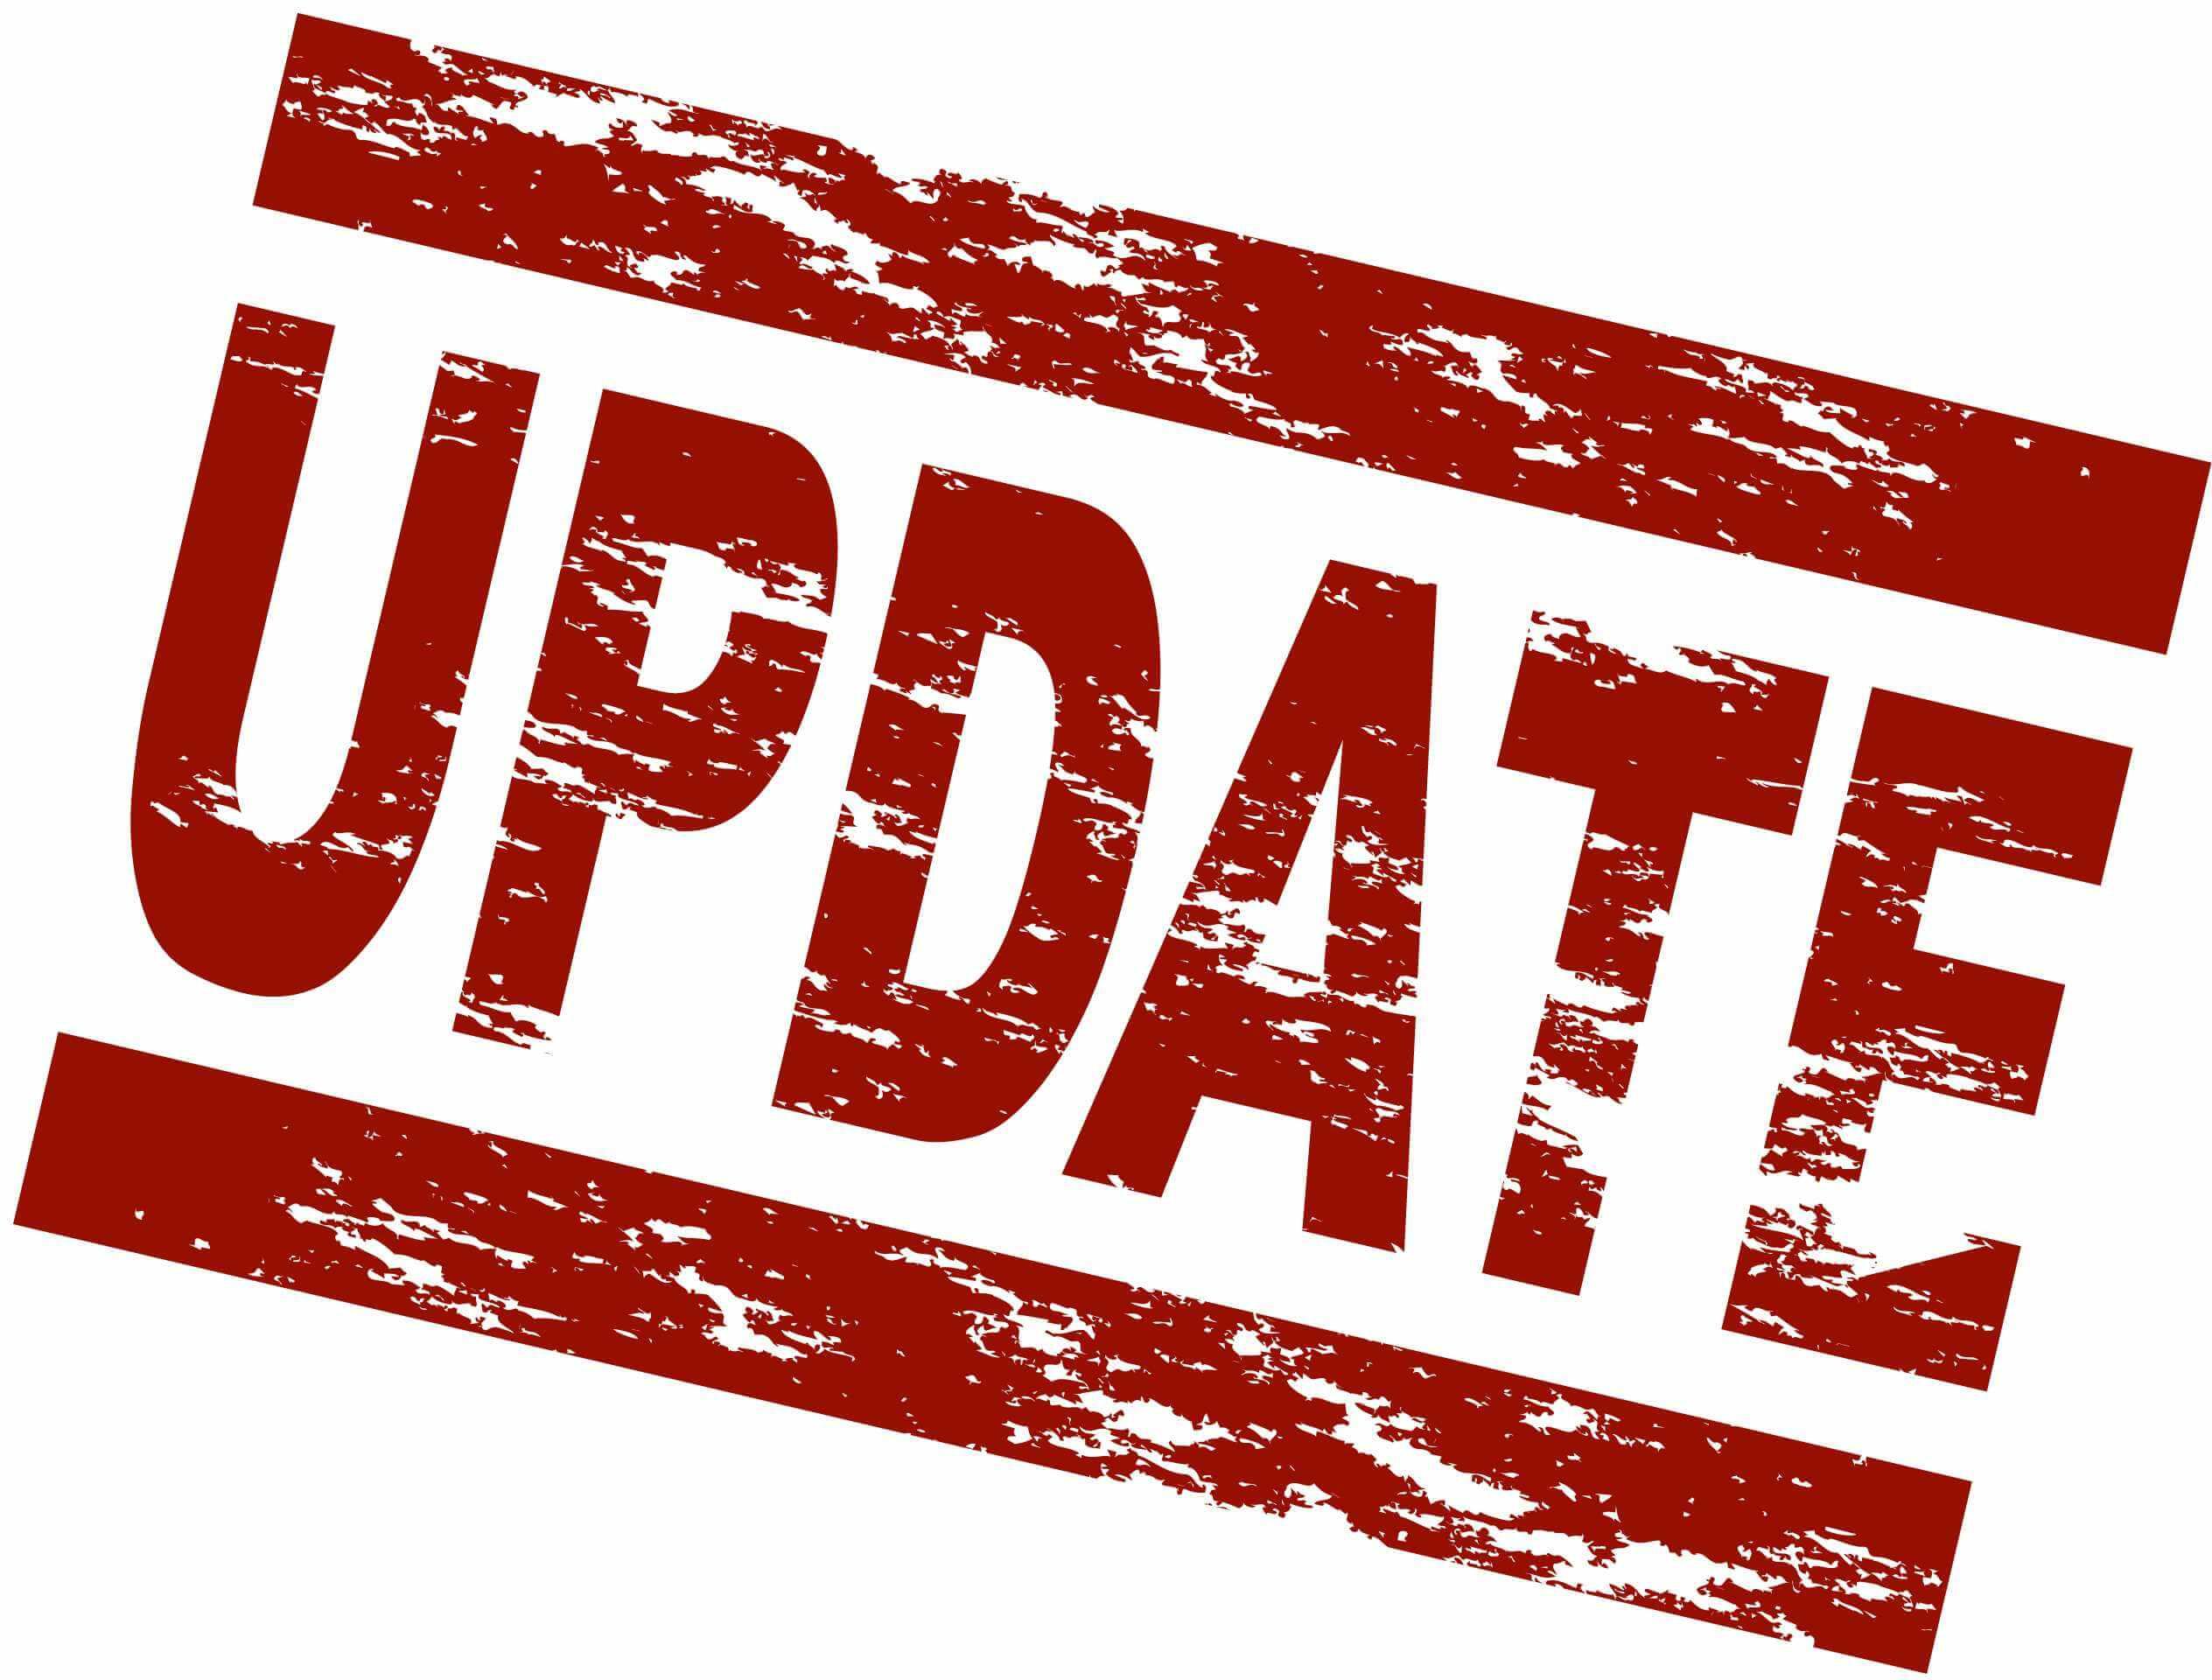 MuddySump - update